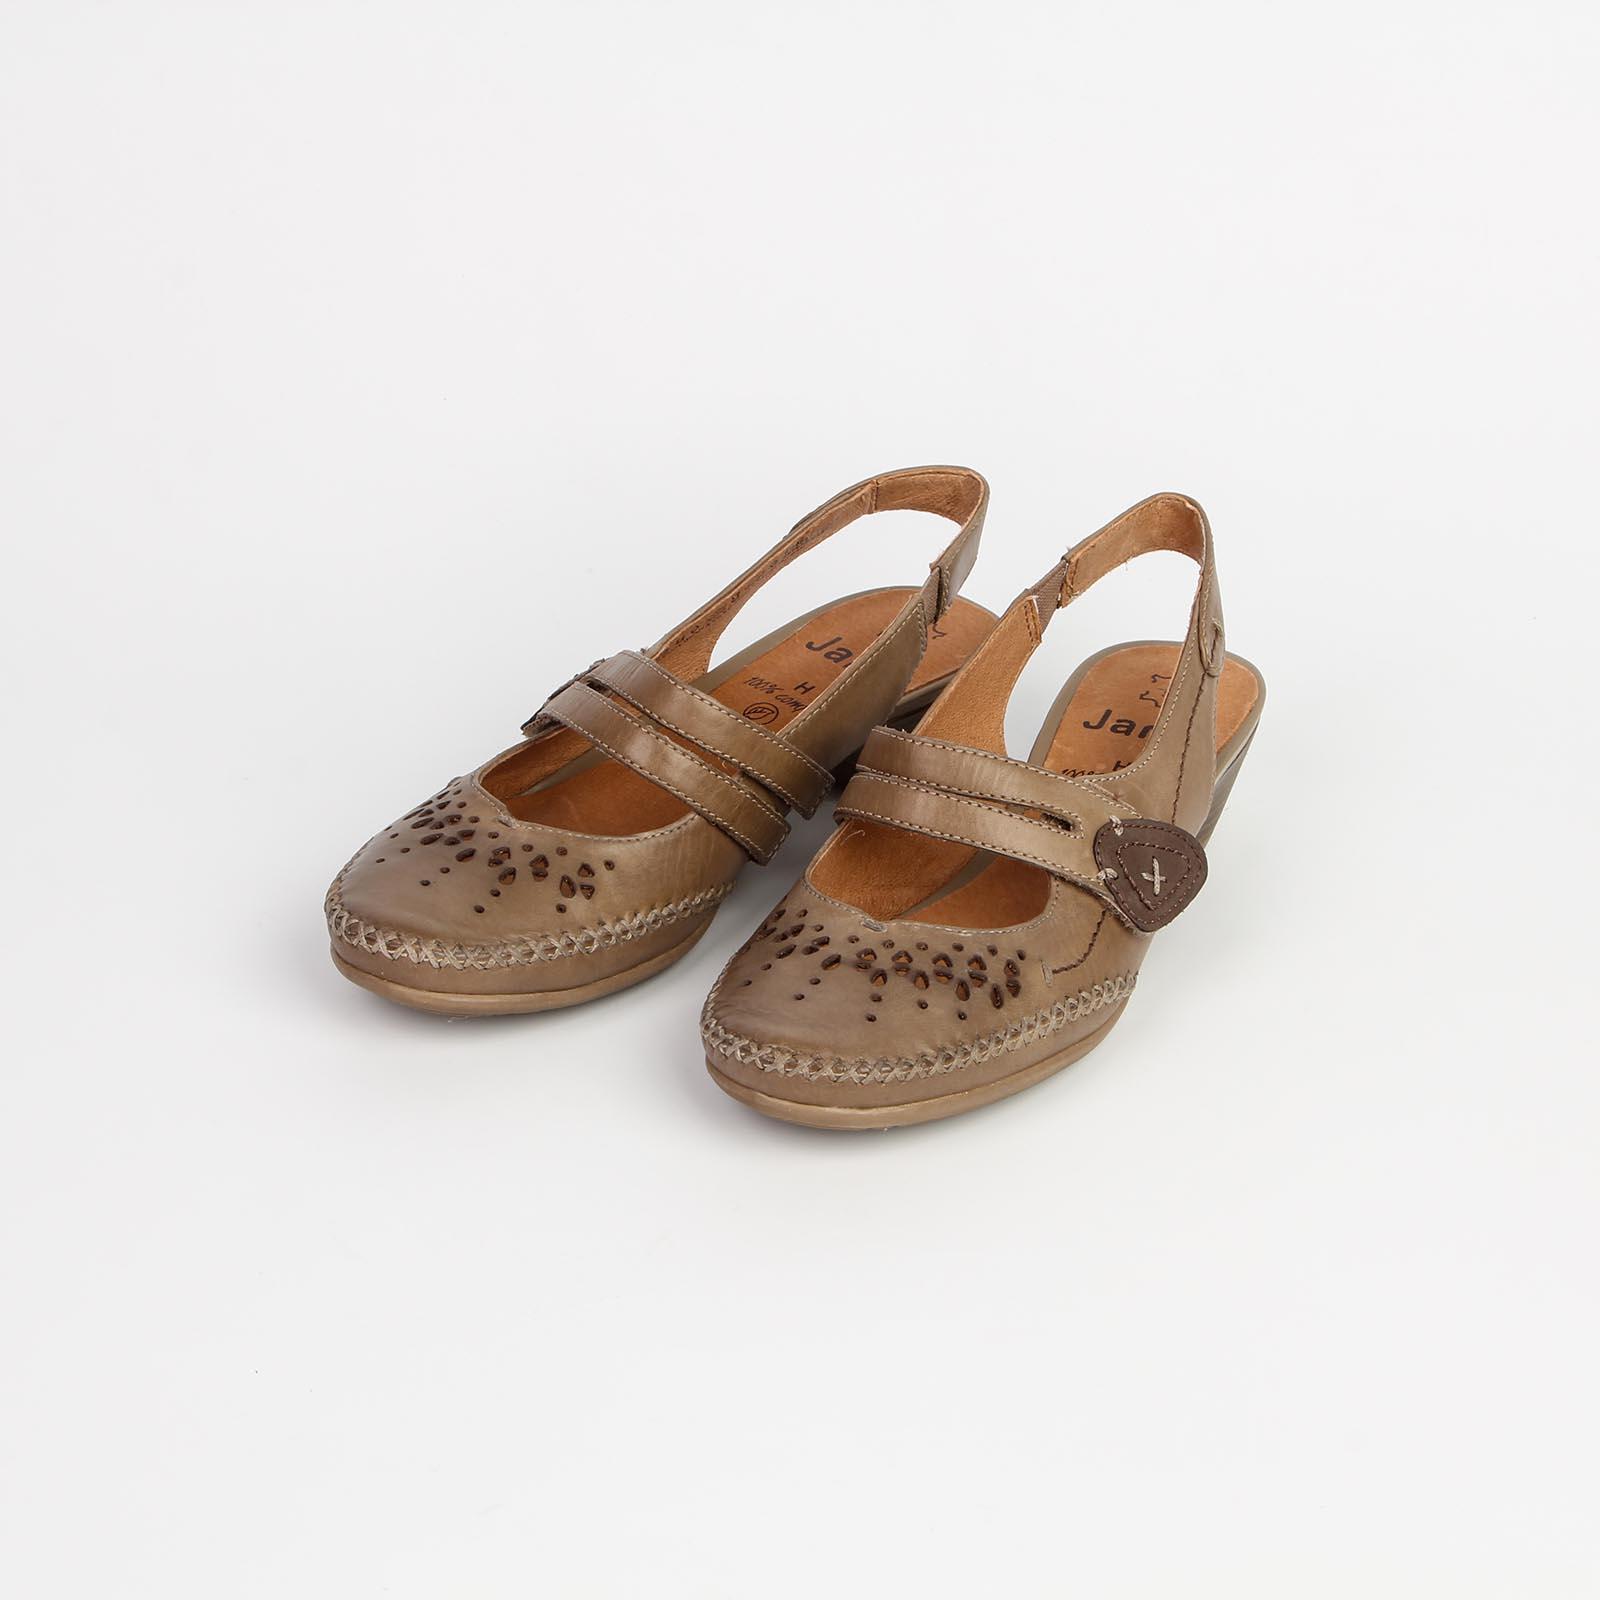 Туфли женские из натуральной кожи с эластичным ремешком